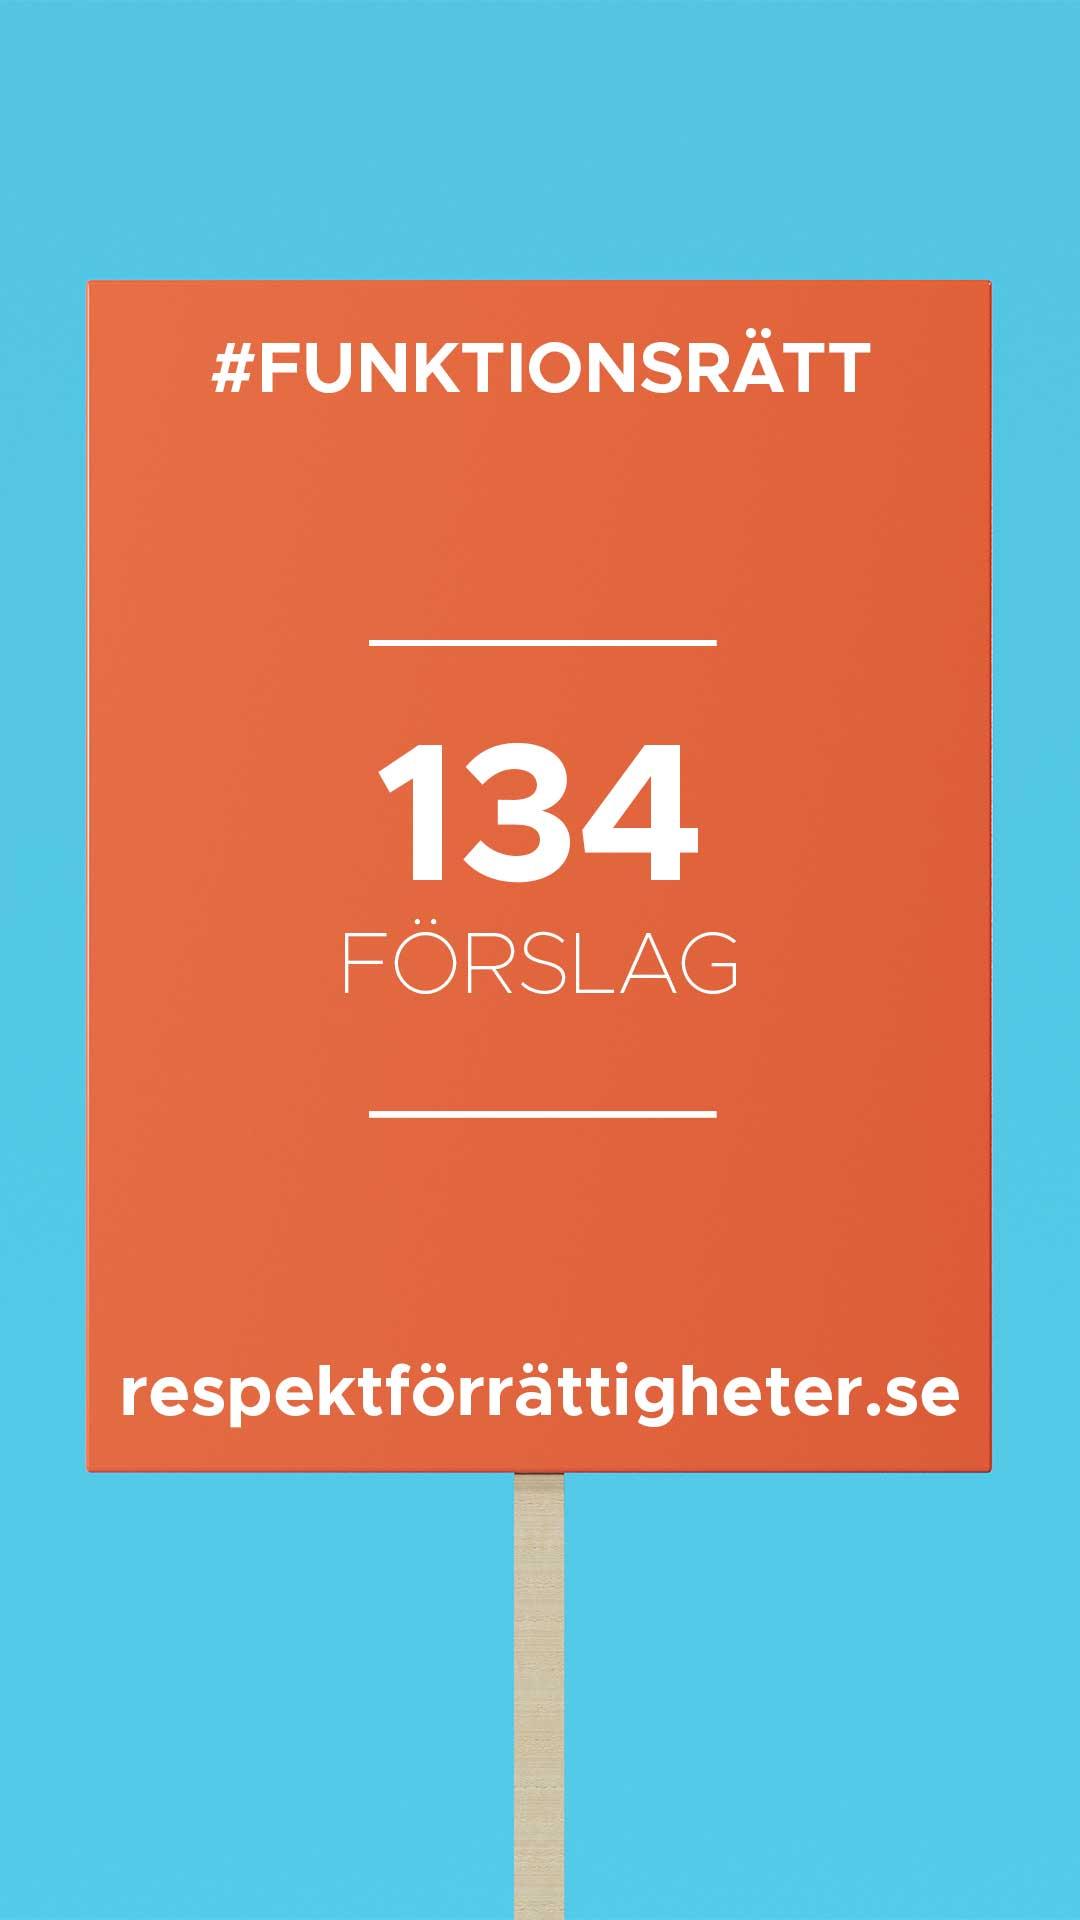 protestplakat med text: funktionsrätt, 134 förslag, repsektförrättigheter.se